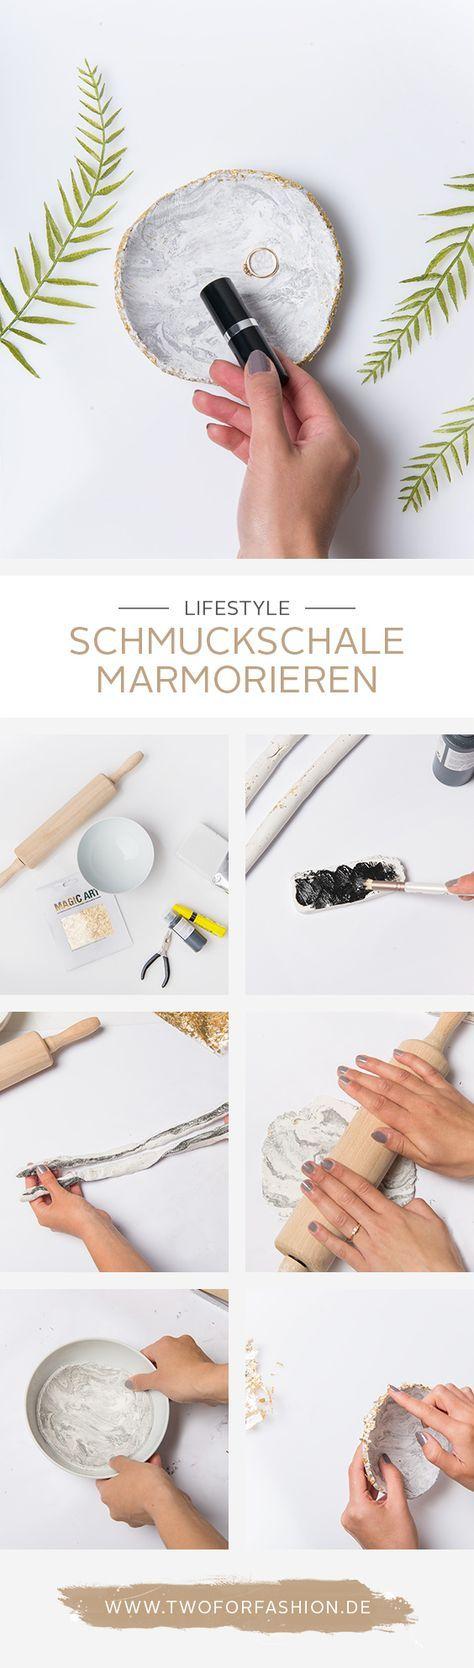 #DIY #schmuckschale #marble #marmorieren #blattgold #trendy #aufbewahrung #organizer #deko Diese wunderschöne Schmuckschale in Marmoroptik mit Godrand könnt ihr euch ganz einfach selber zaubern. Sie eignet sich toll um Ringe, Ohrstecker und anderen filigranen Schmuck abzulegen und zu ordnen. Nachbasteln lohnt sich!